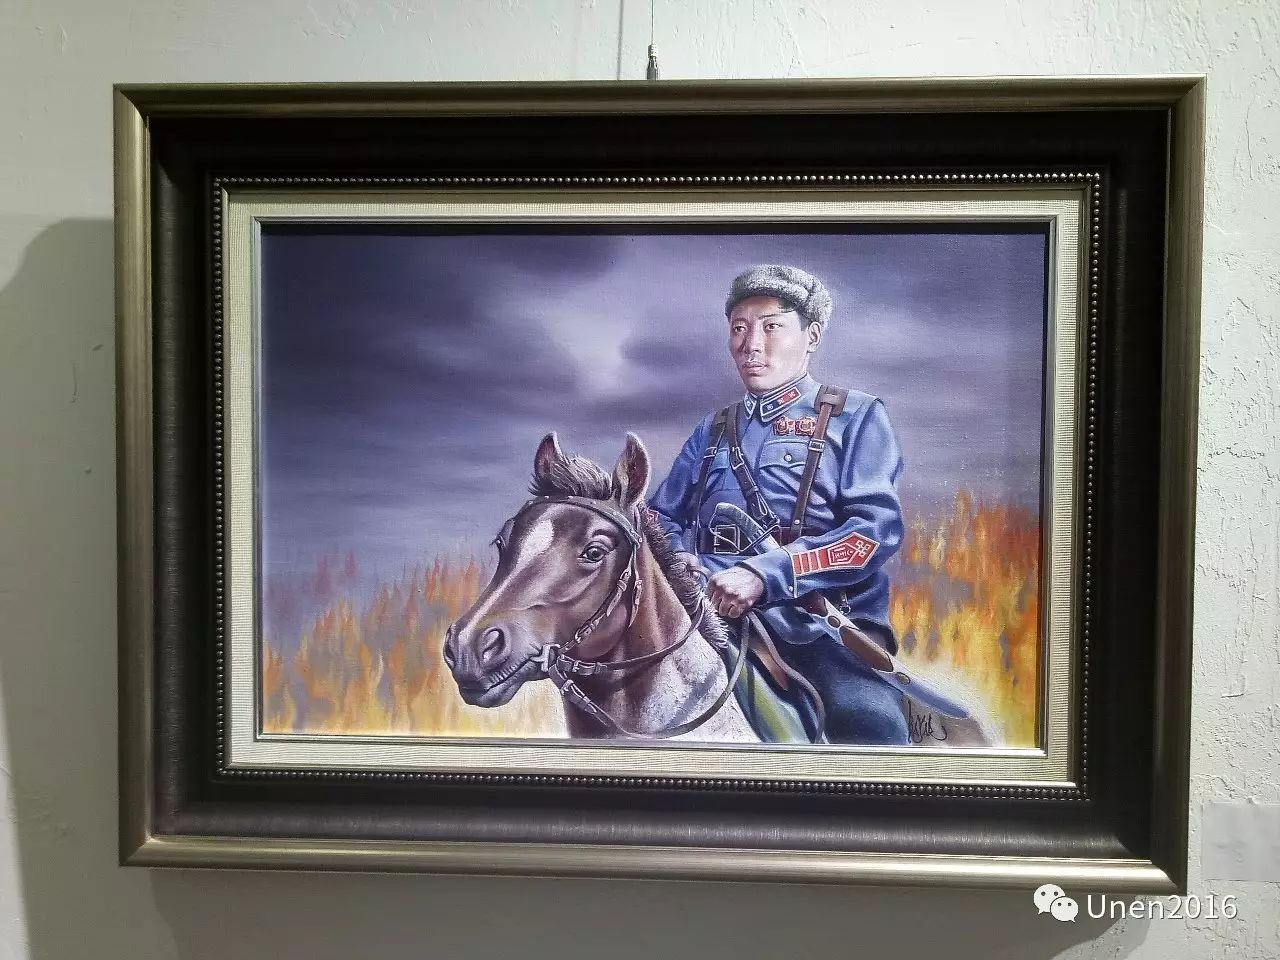 【Unen】美术:蒙古国青年画家巴雅尔的油画作品 第5张